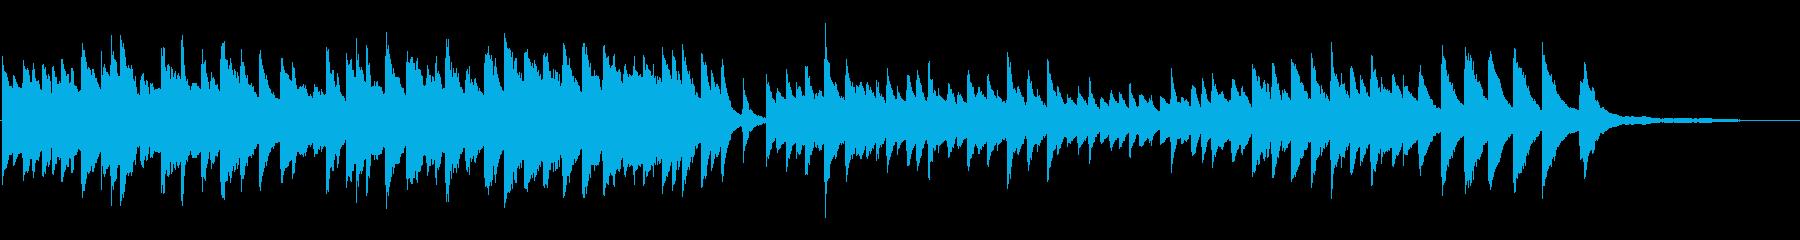 童謡「たなばたさま」ピアノソロの再生済みの波形